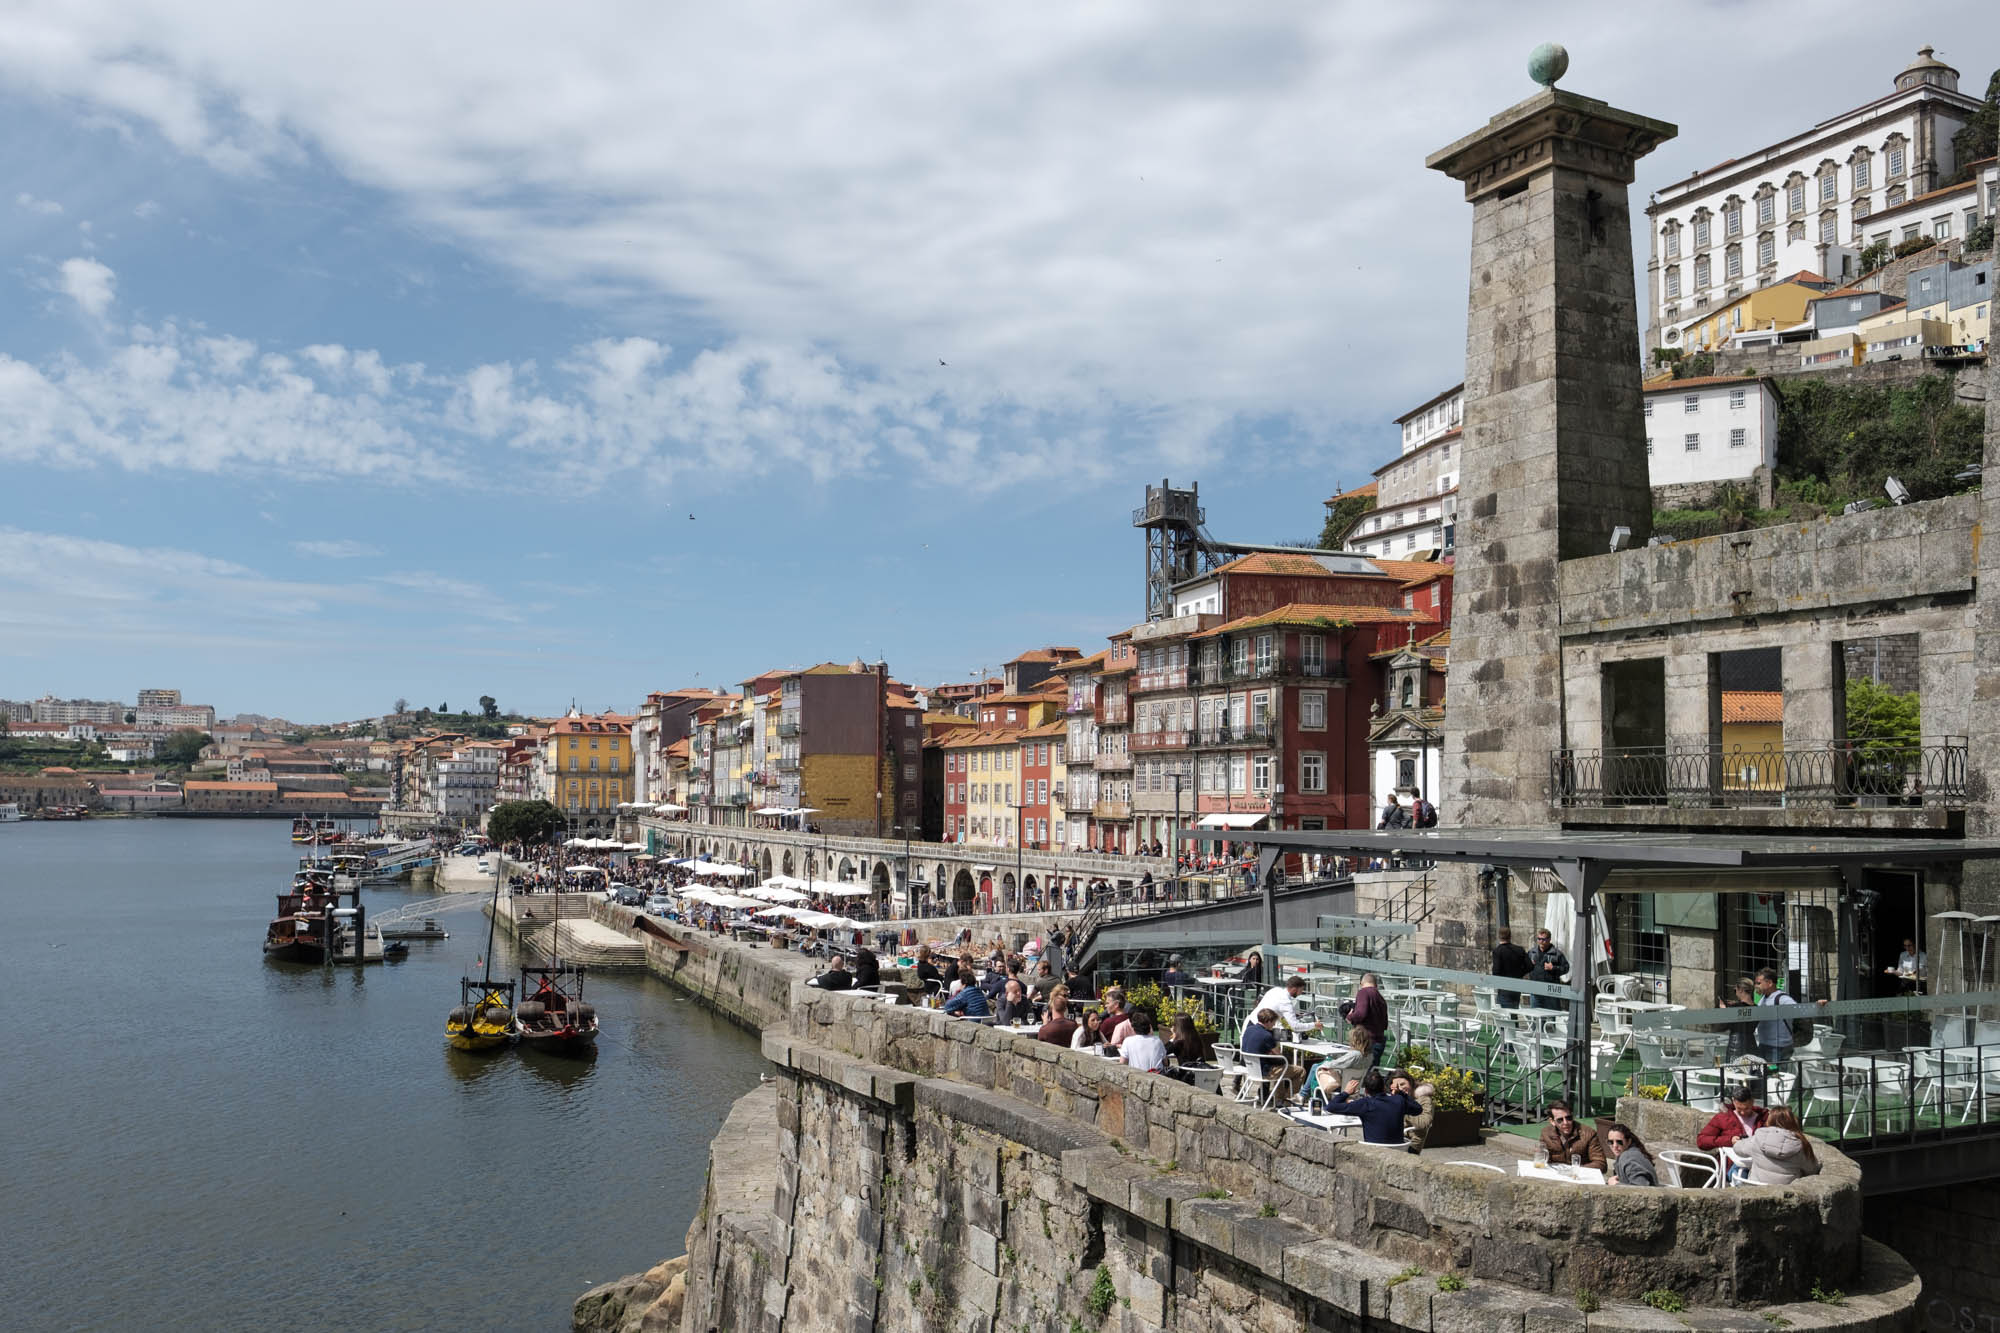 Duro Porto, Portugal